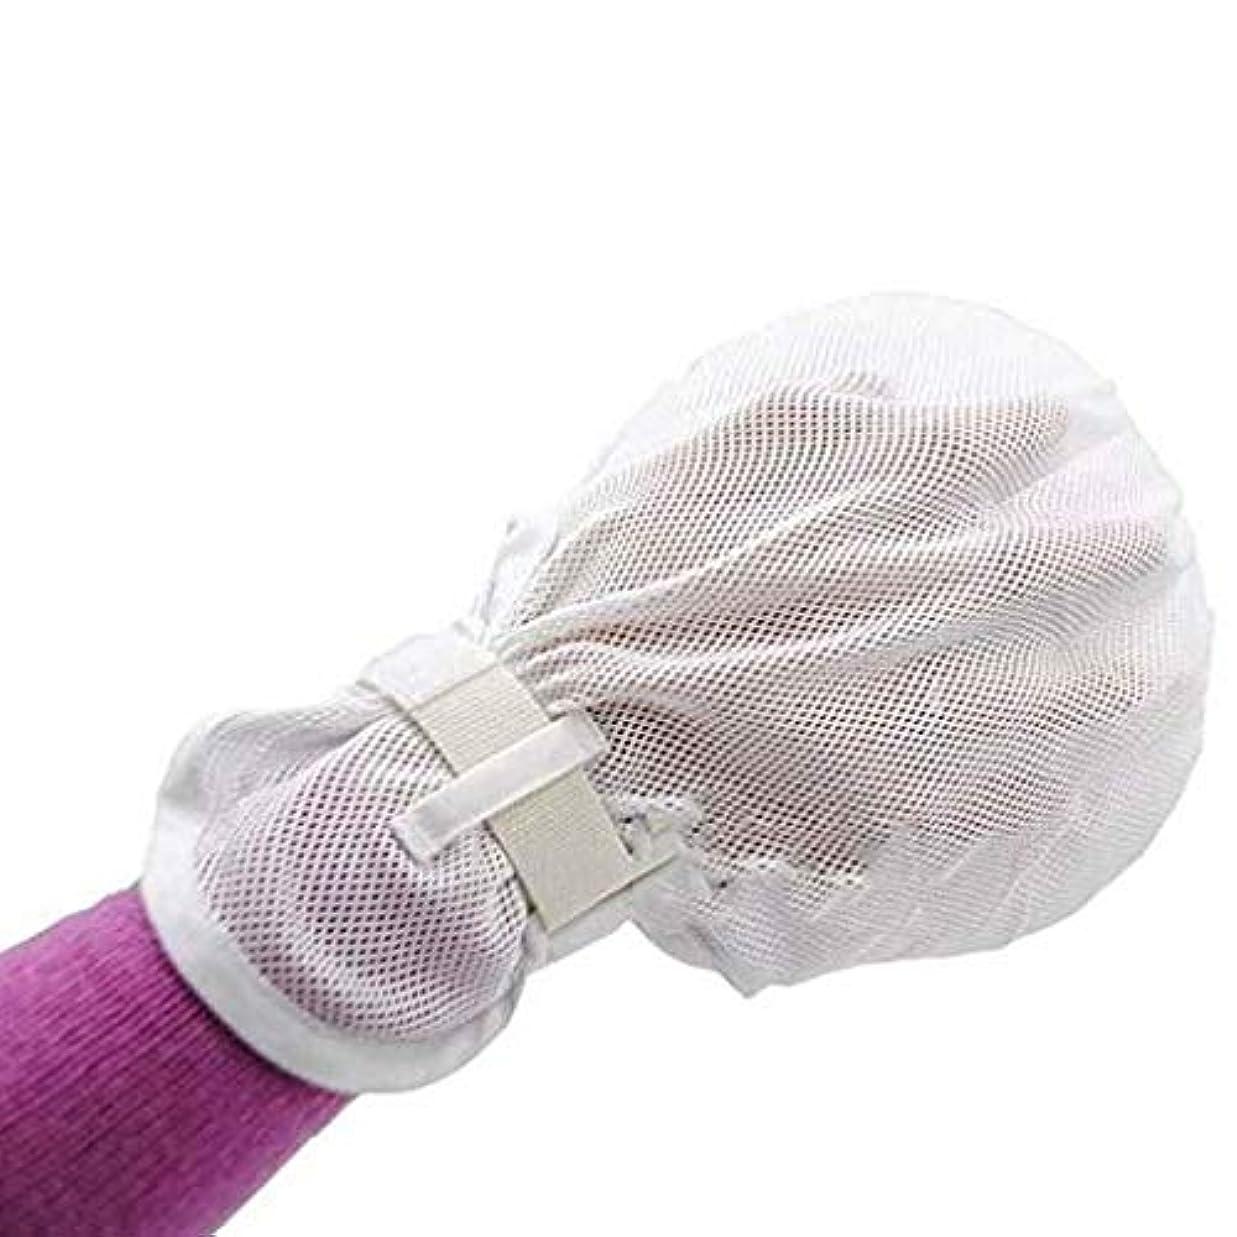 マラドロイト閉塞潜むフィンガーコントロールミット、手の感染防止用プロテクターミット医療用制限患者用ユニバーサルフィンガーハム固定手袋